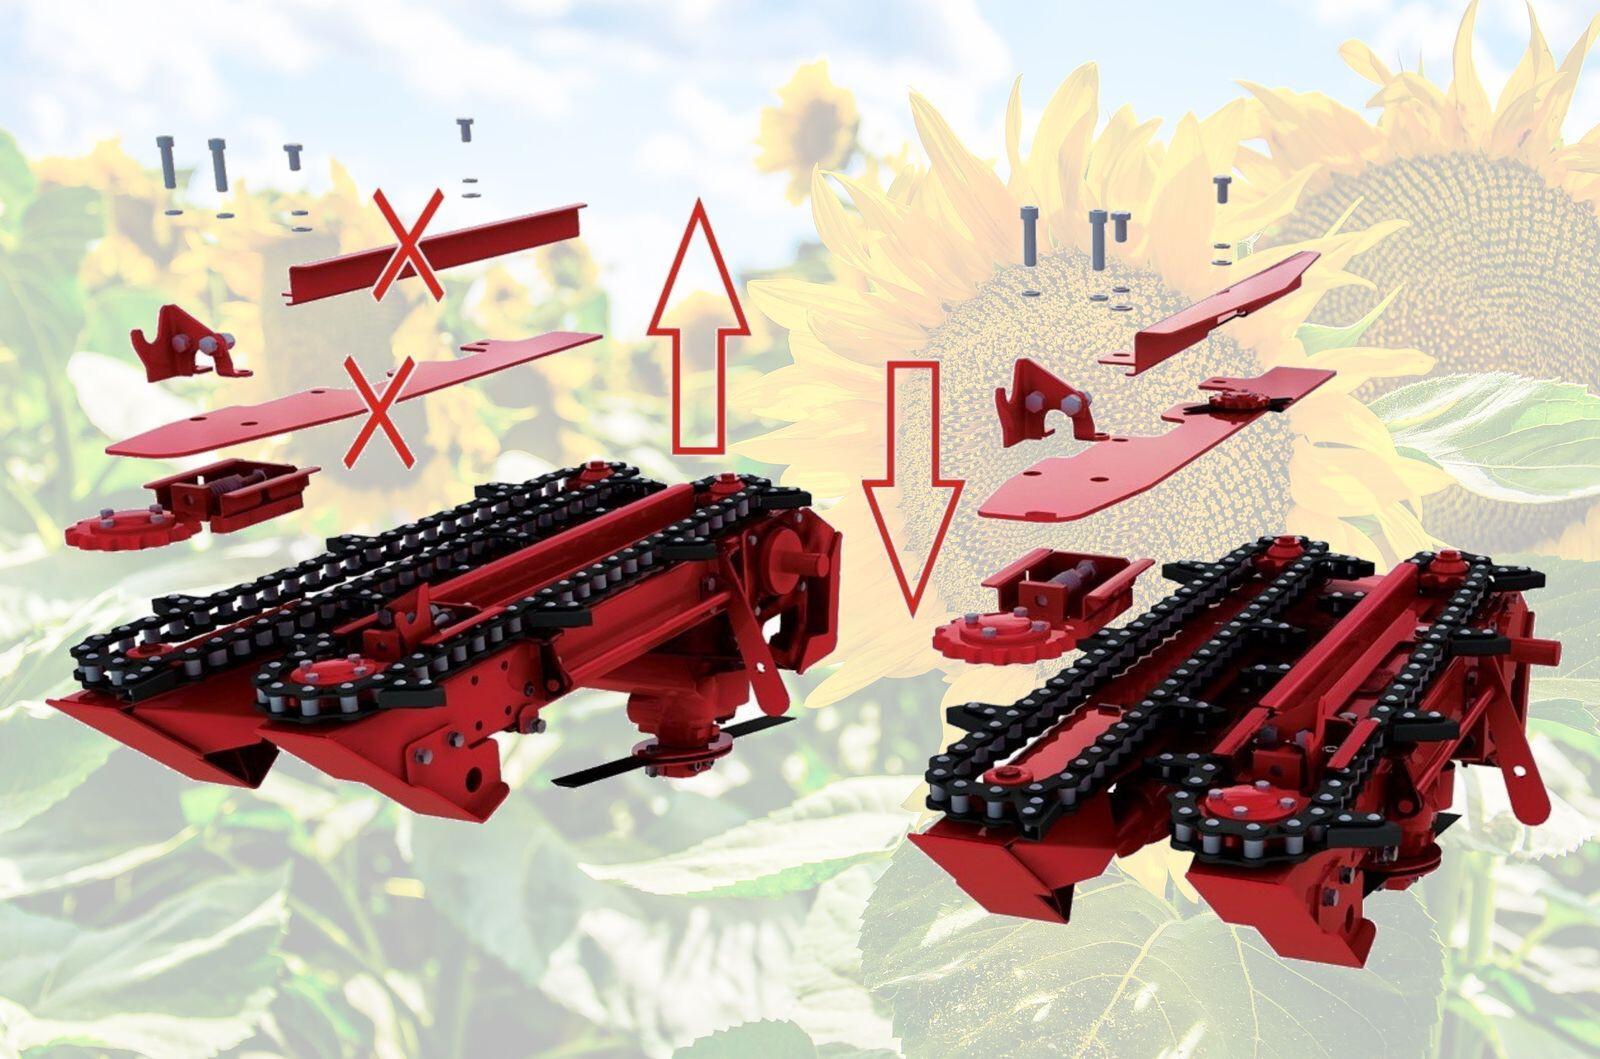 Подсолнечниковая жатка позволяет сохранить в среднем 5-7 ц/га урожая